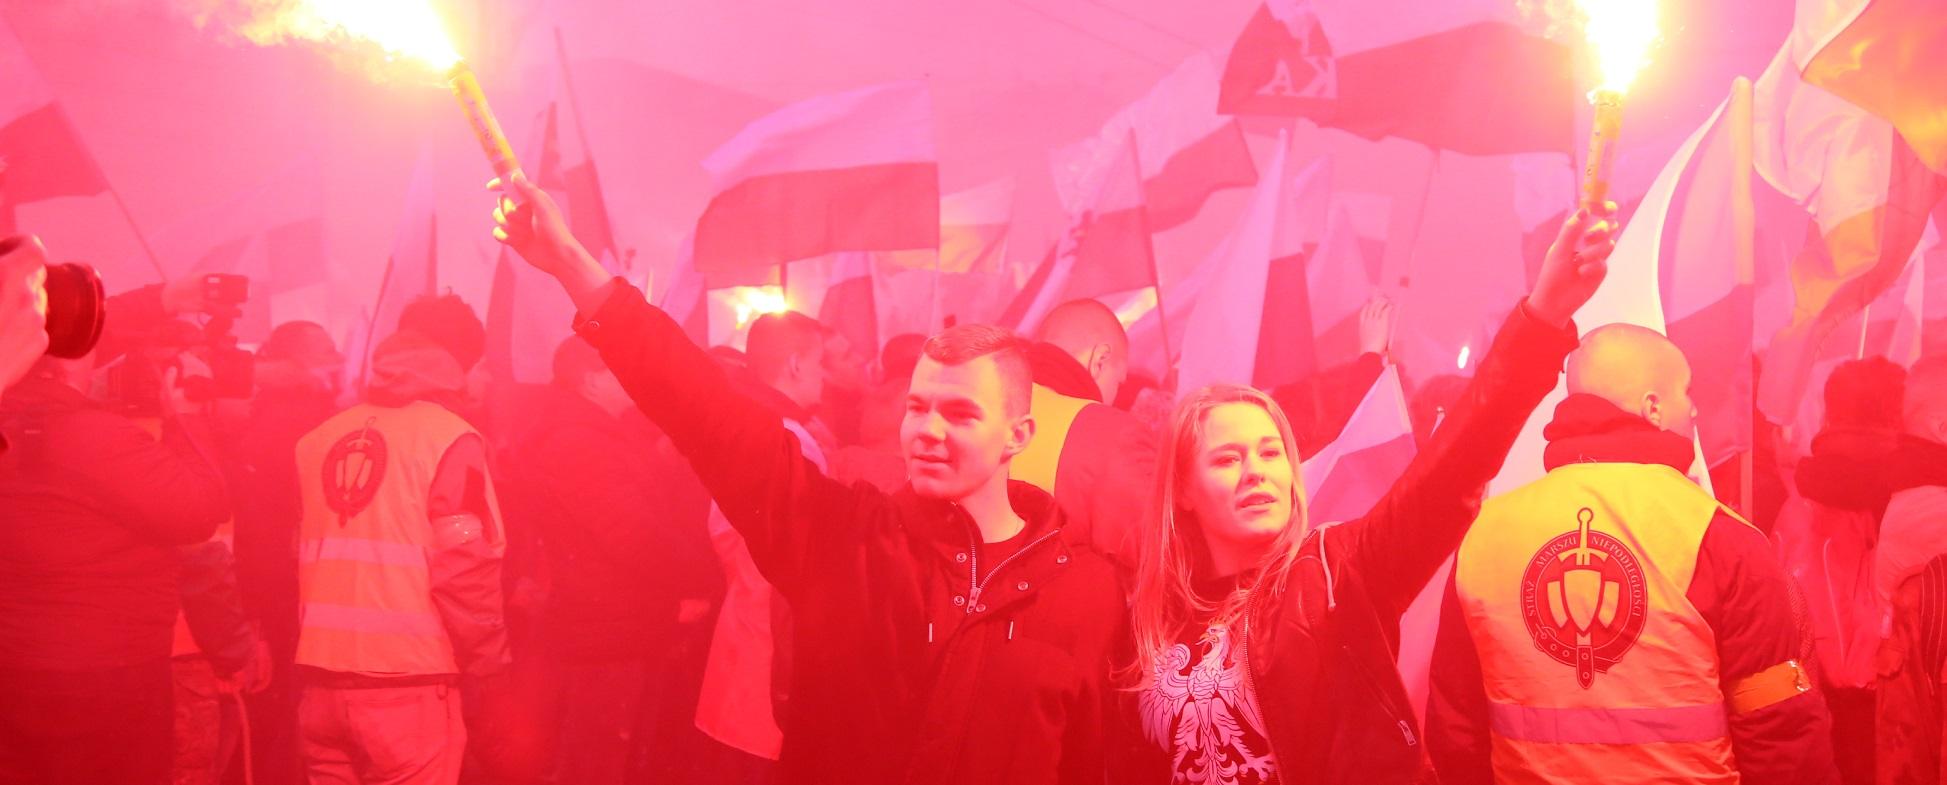 Światowe media o Marszu Niepodległości: pokaz nacjonalizmu, faszyzmu i rasizmu